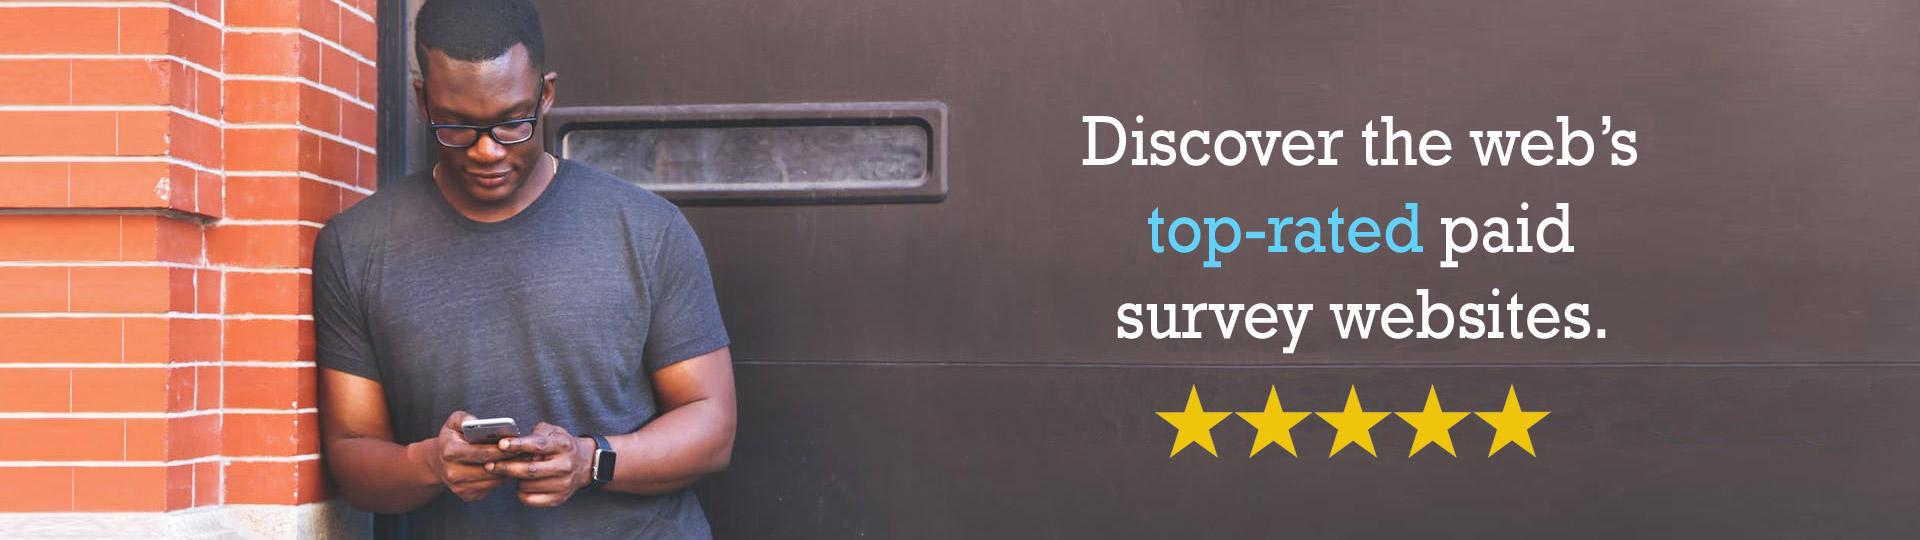 Man looking at phone taking surveys